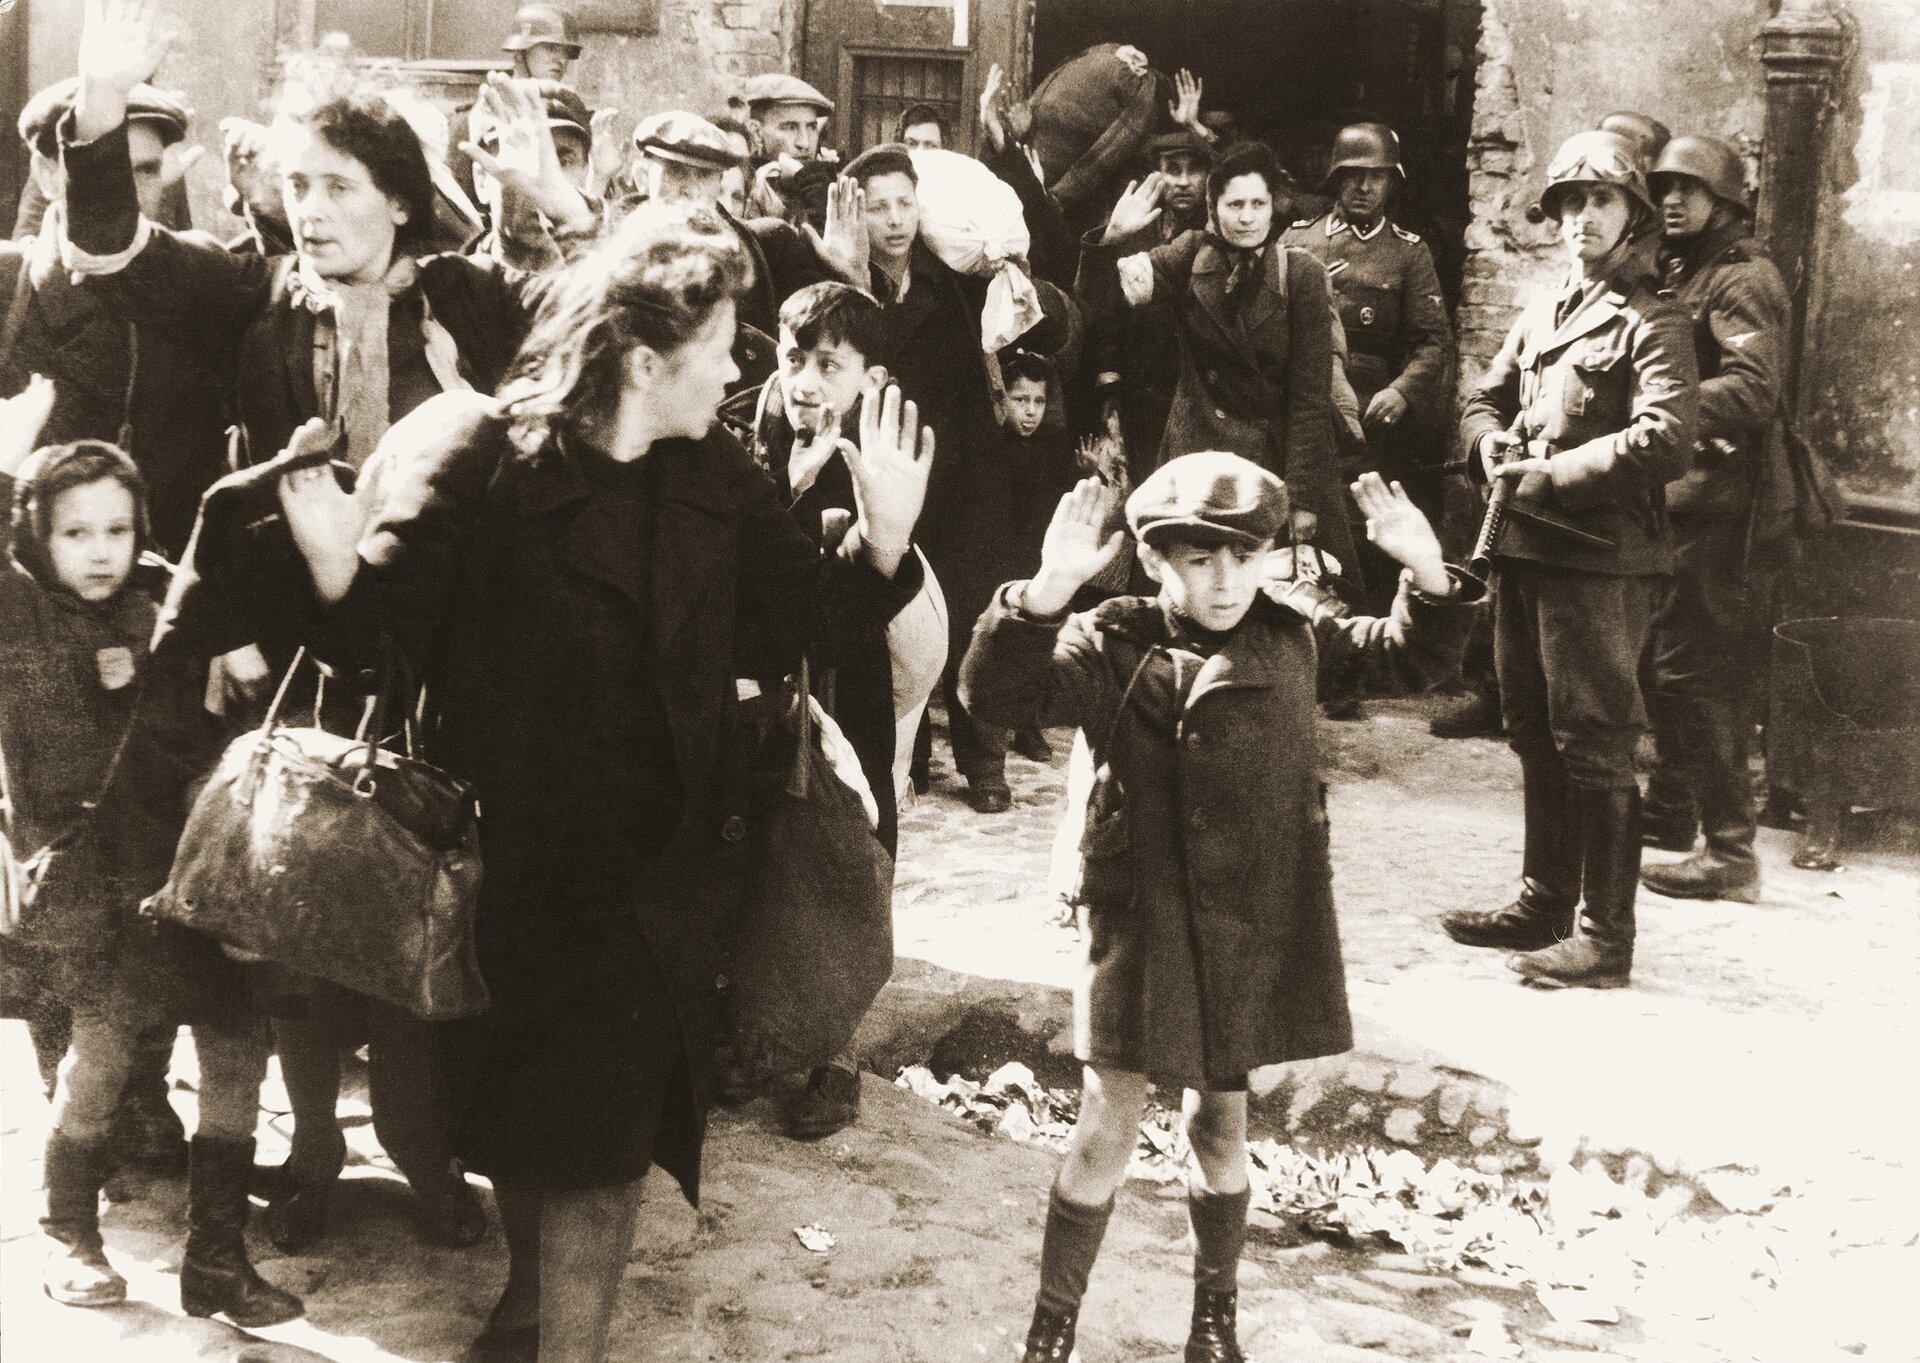 Losludności żydowskiej stanie się wyjątkowo okrutny podczas II wojny światowej. Wówczas Żydzi doświadczą tragedii Holocaustu Losludności żydowskiej stanie się wyjątkowo okrutny podczas II wojny światowej. Wówczas Żydzi doświadczą tragedii Holocaustu Źródło: domena publiczna.